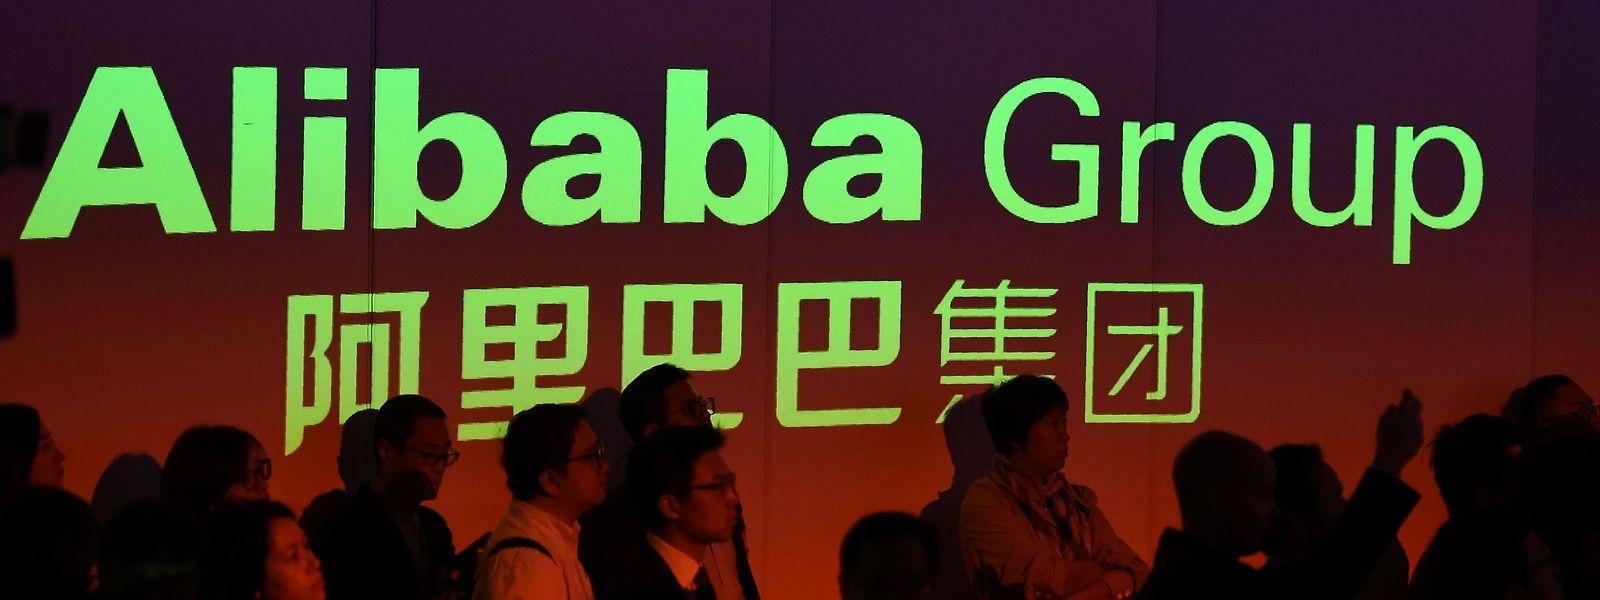 Es wird der größte Börsengang bislang: Die Finanztochter des chinesischen Onlinehändlers Alibaba wird diese Woche eine Aktiengesellschaft mit handelbaren Anteilsscheinen.